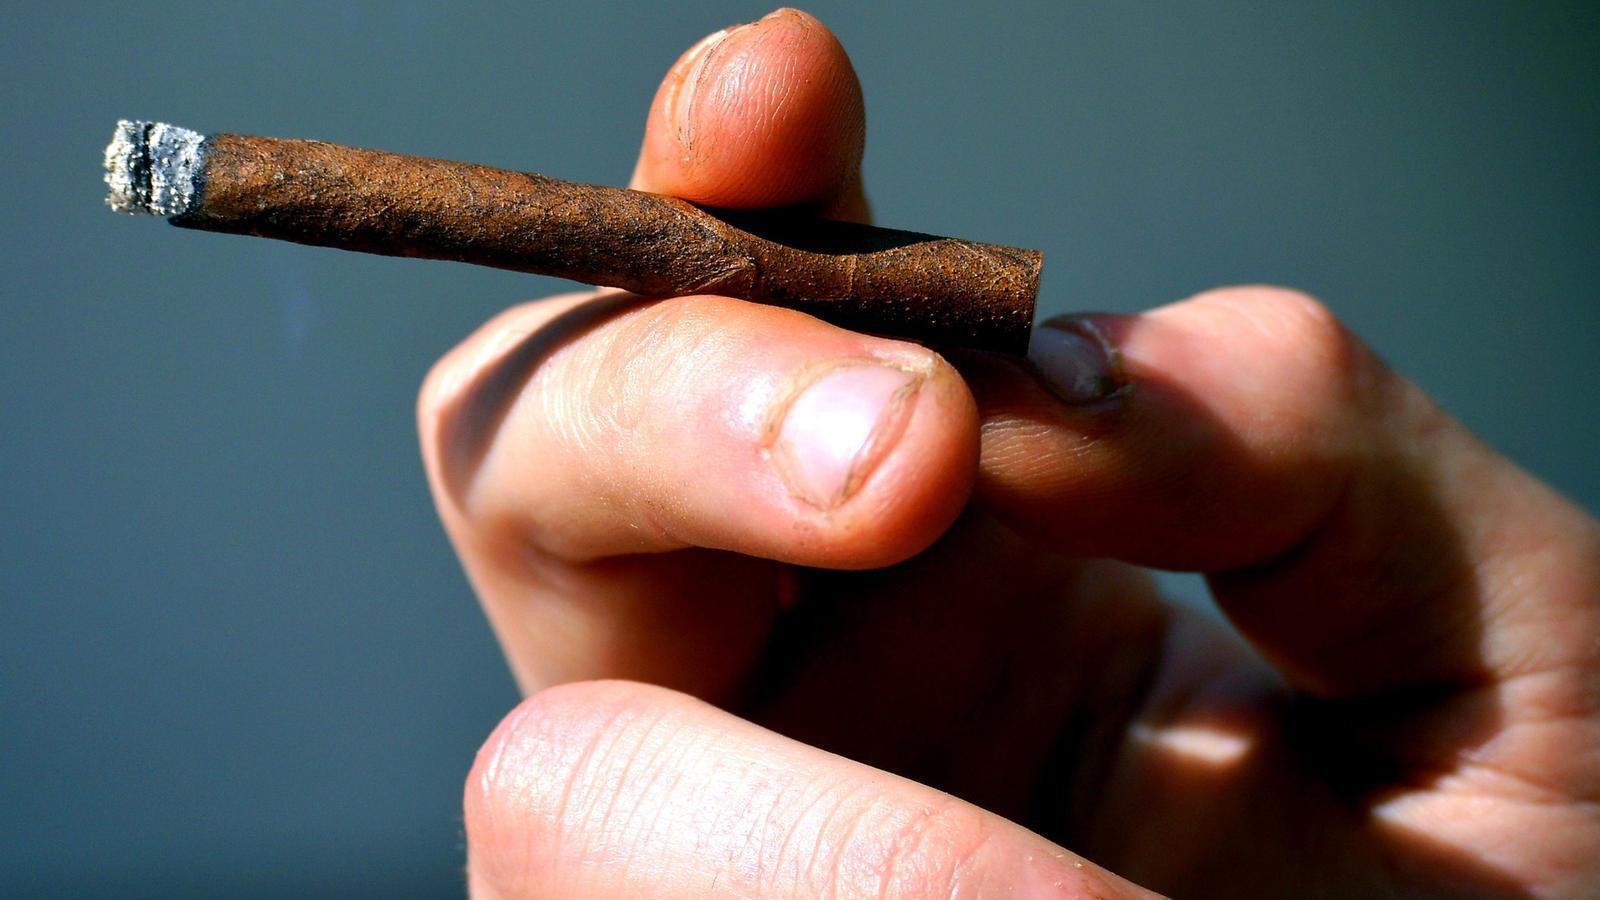 El futur casino d'Andorra permetrà sales per a fumadors / PIXABAY